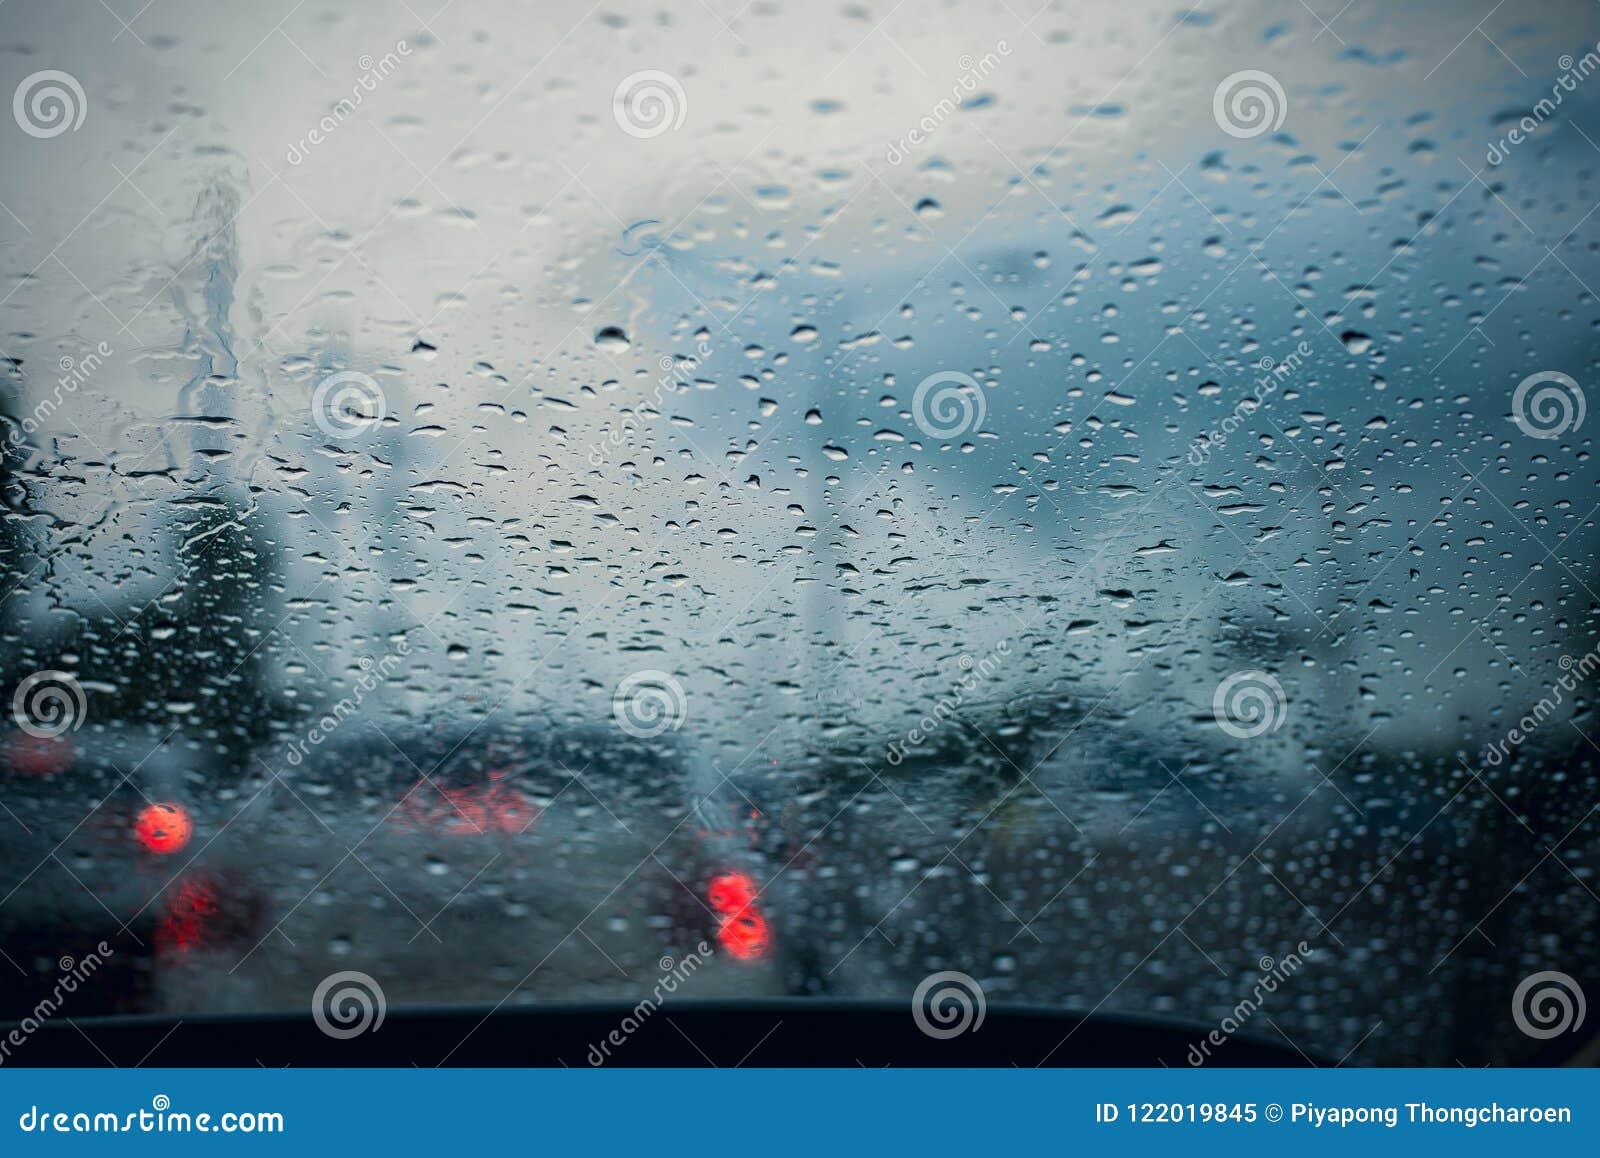 Finestra di automobile con le gocce di pioggia su vetro o sul parabrezza, traffico vago il giorno piovoso nella città